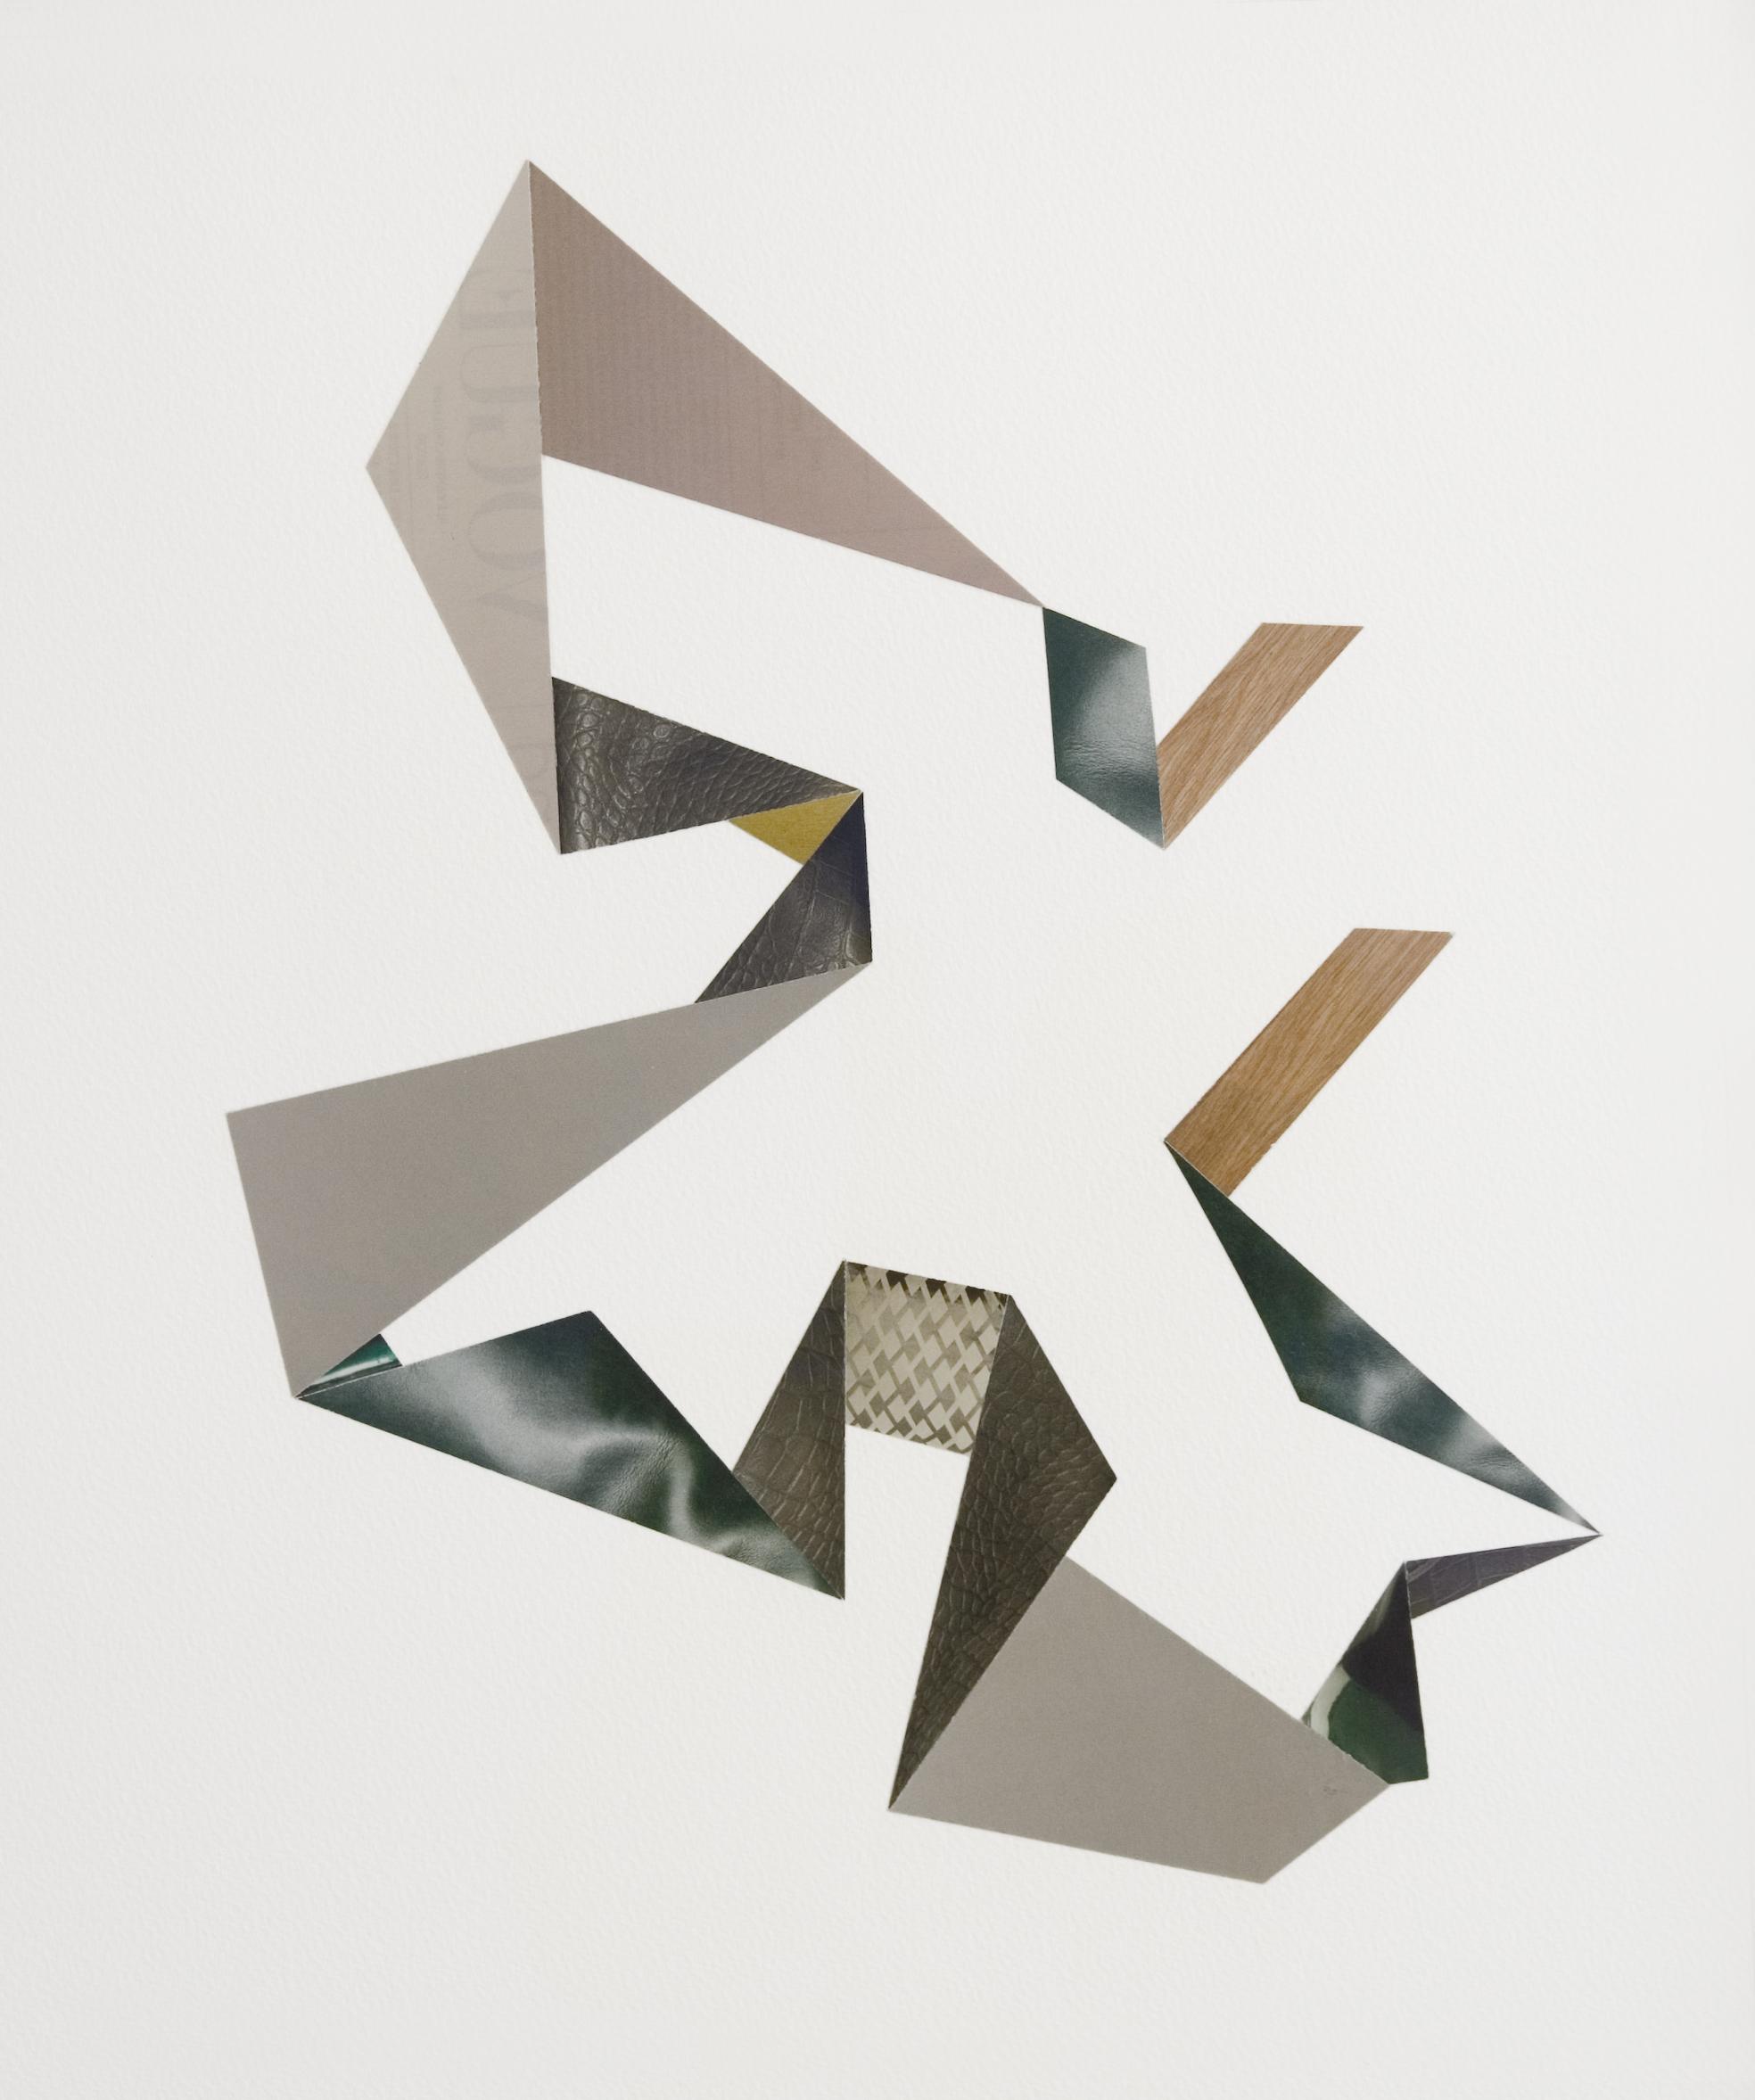 L.Sanchez Collage 45 x 50cm, (2010) £650